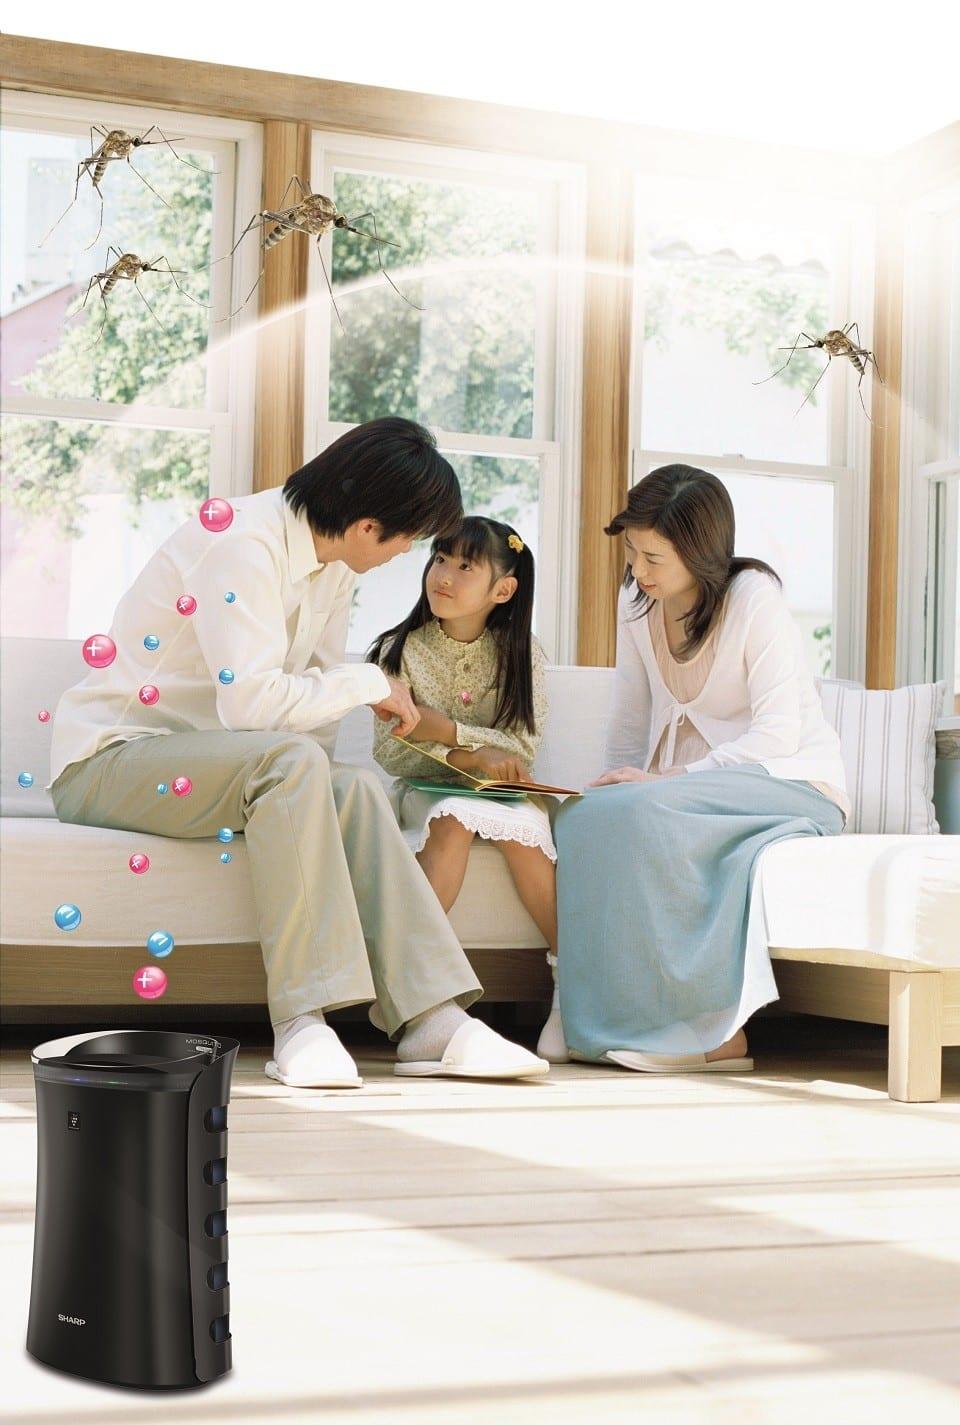 ứng dụng máy lọc không khí trong gia đình